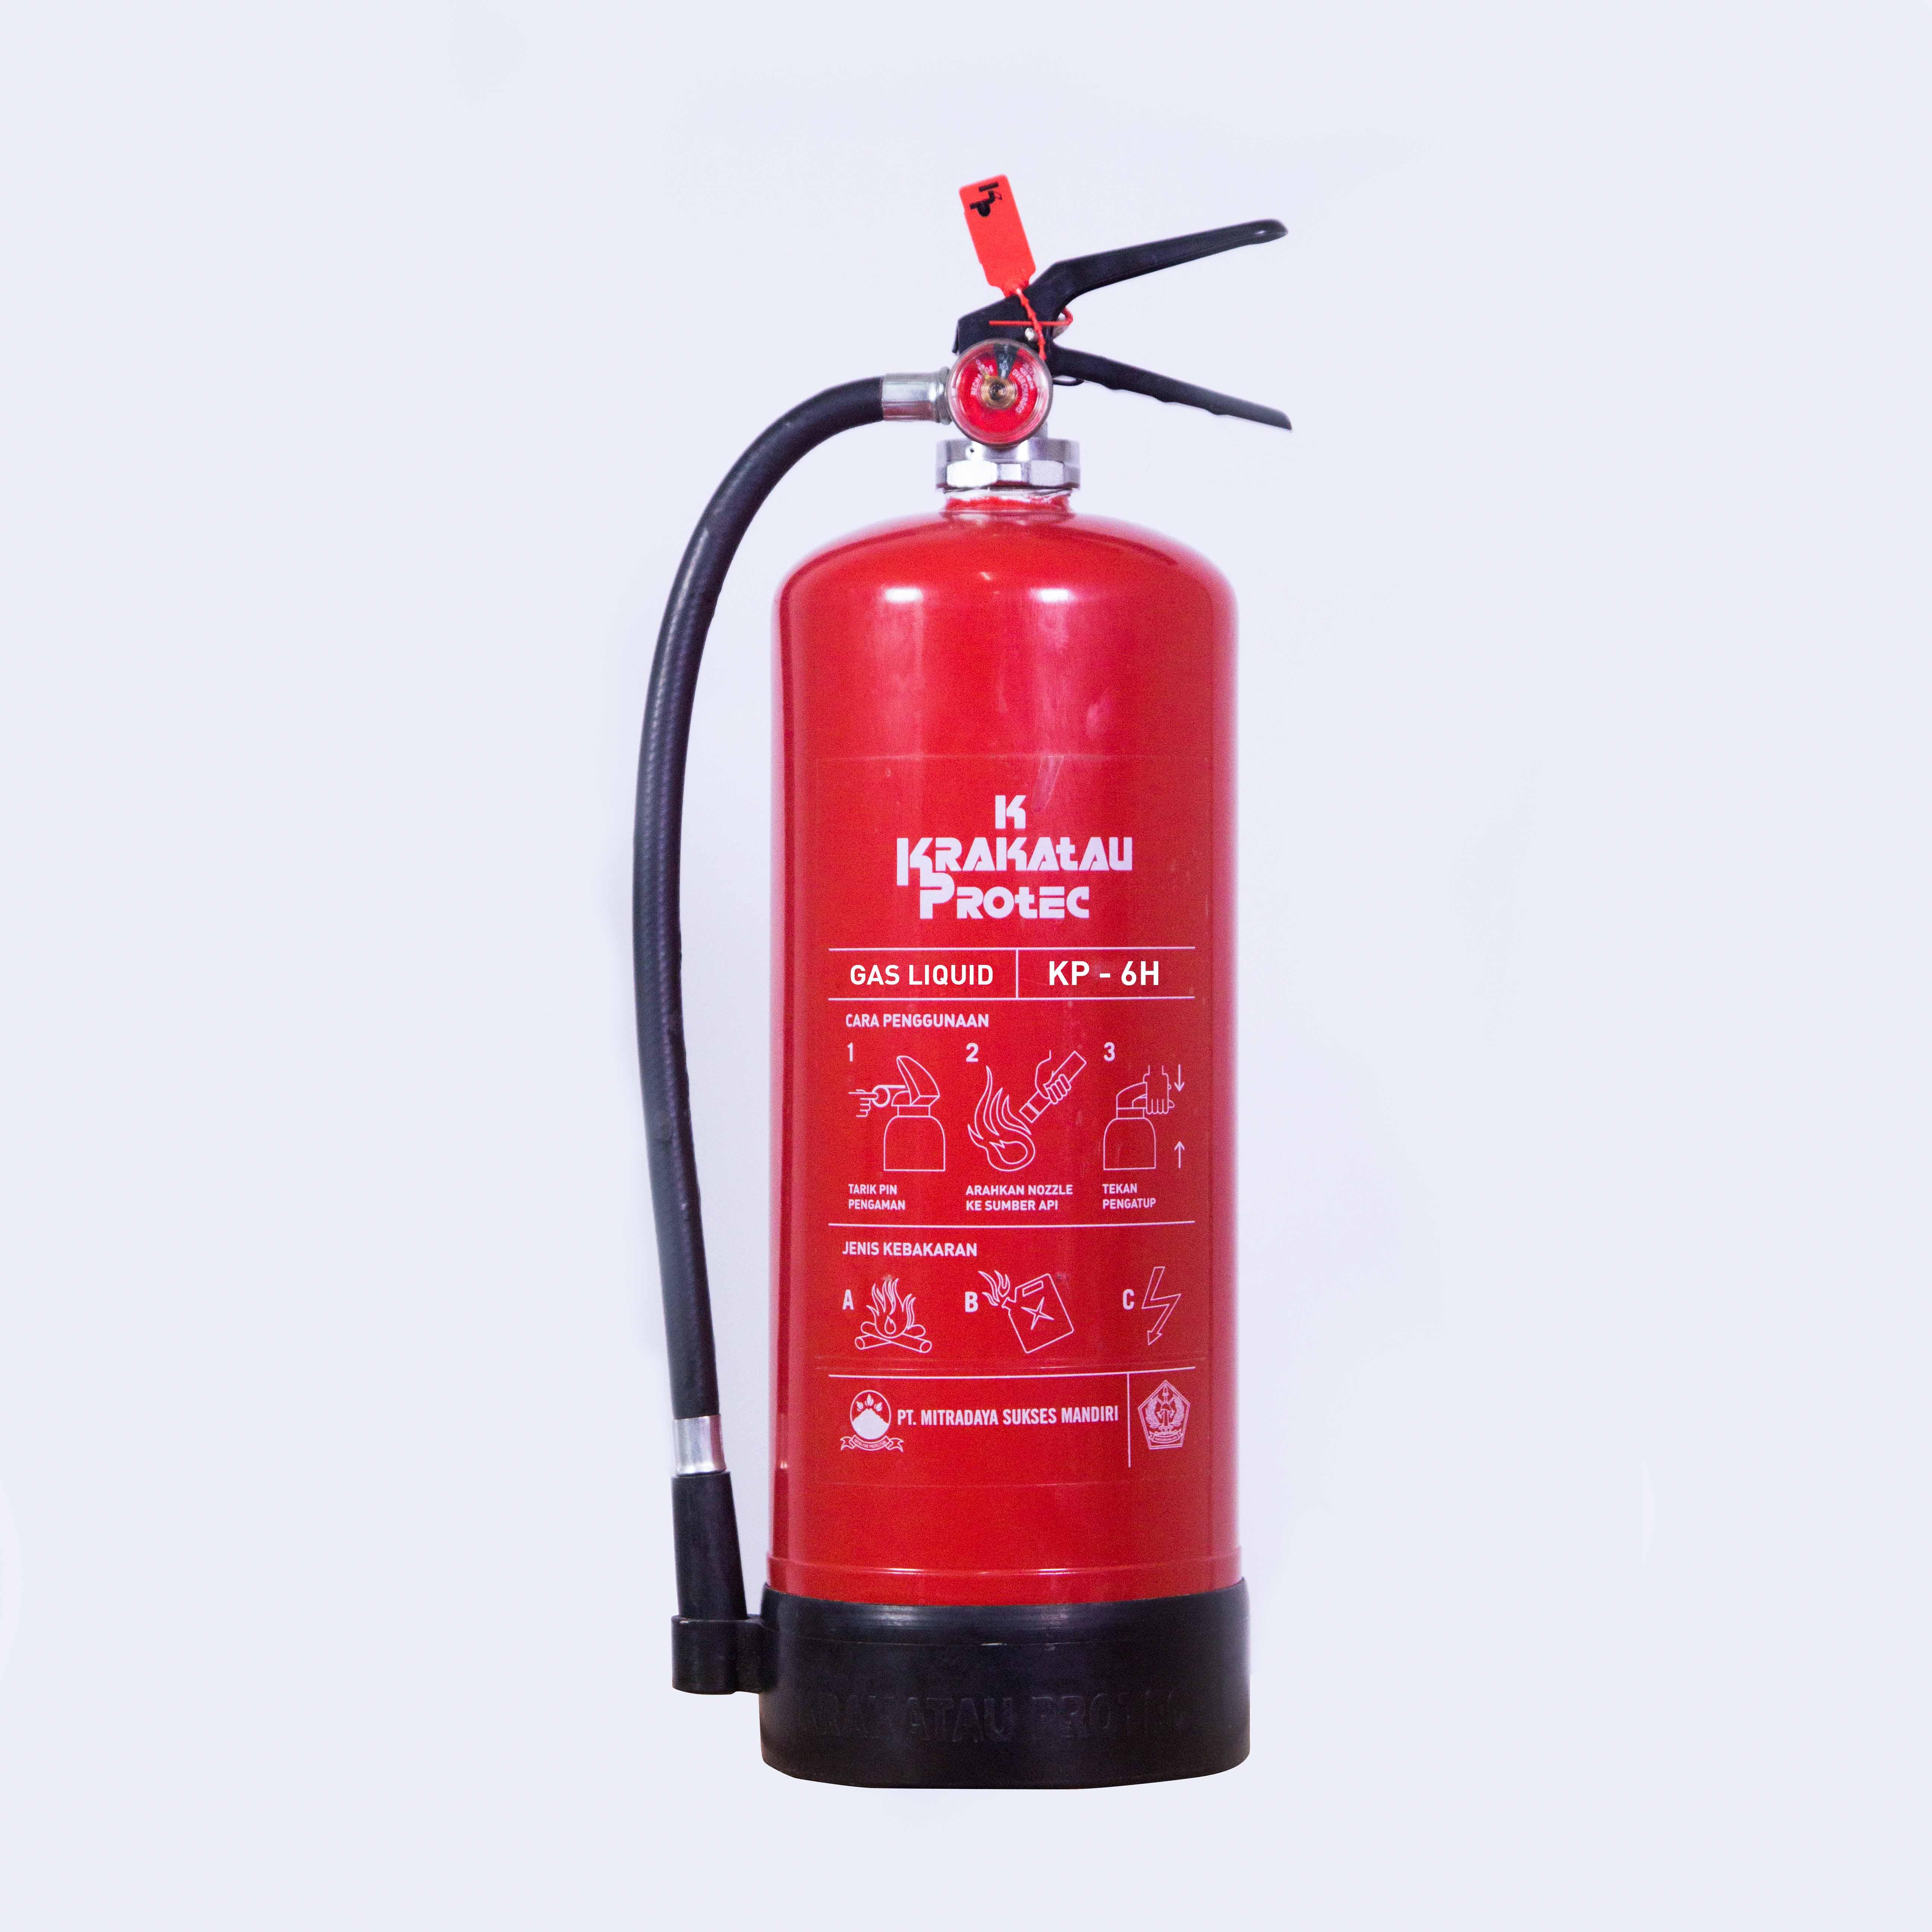 Gas Liquid 6 Kg / KP6H